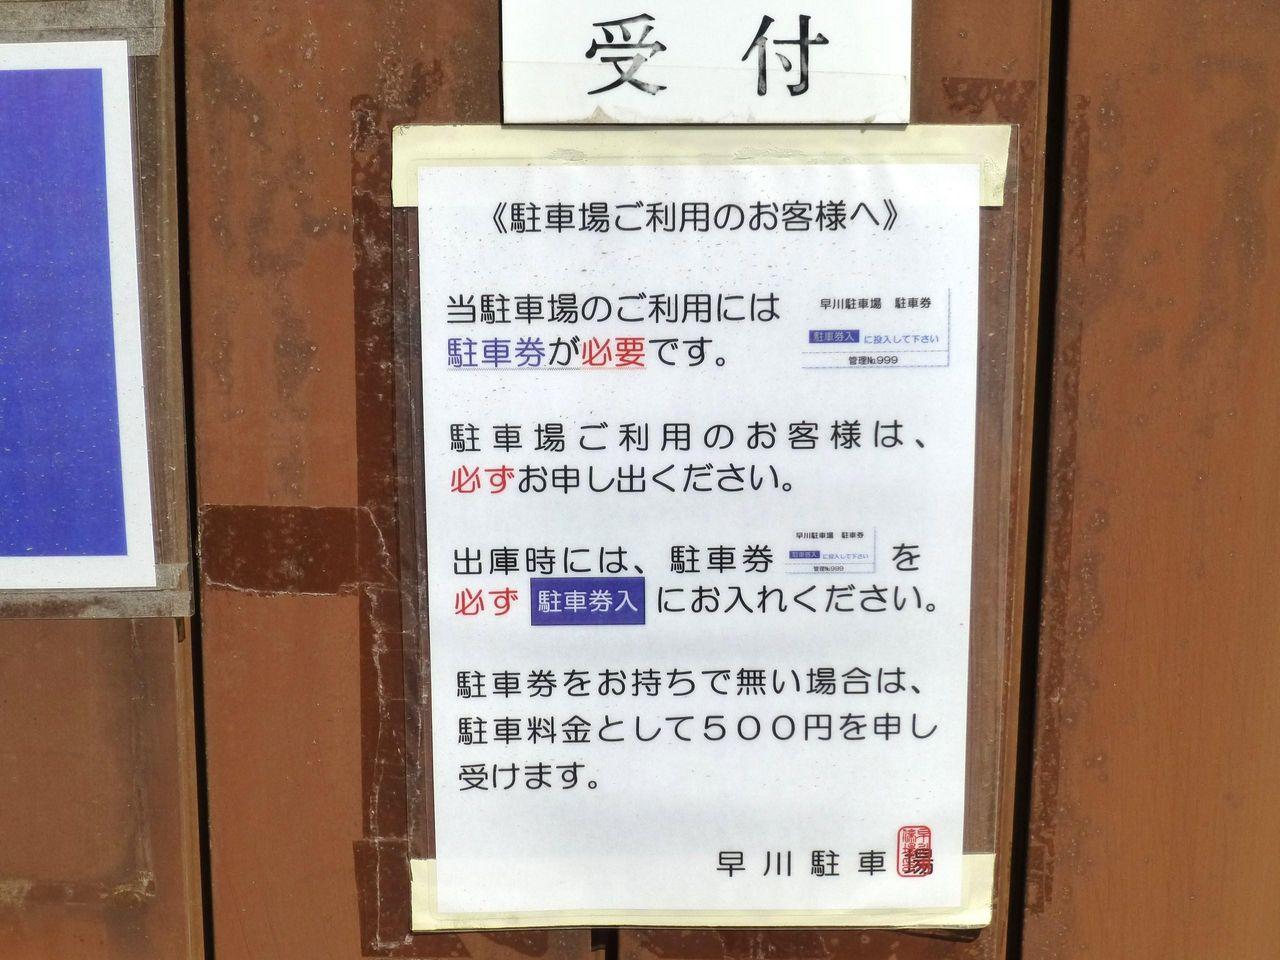 早川駐車場の利用方法(26年4月現在)